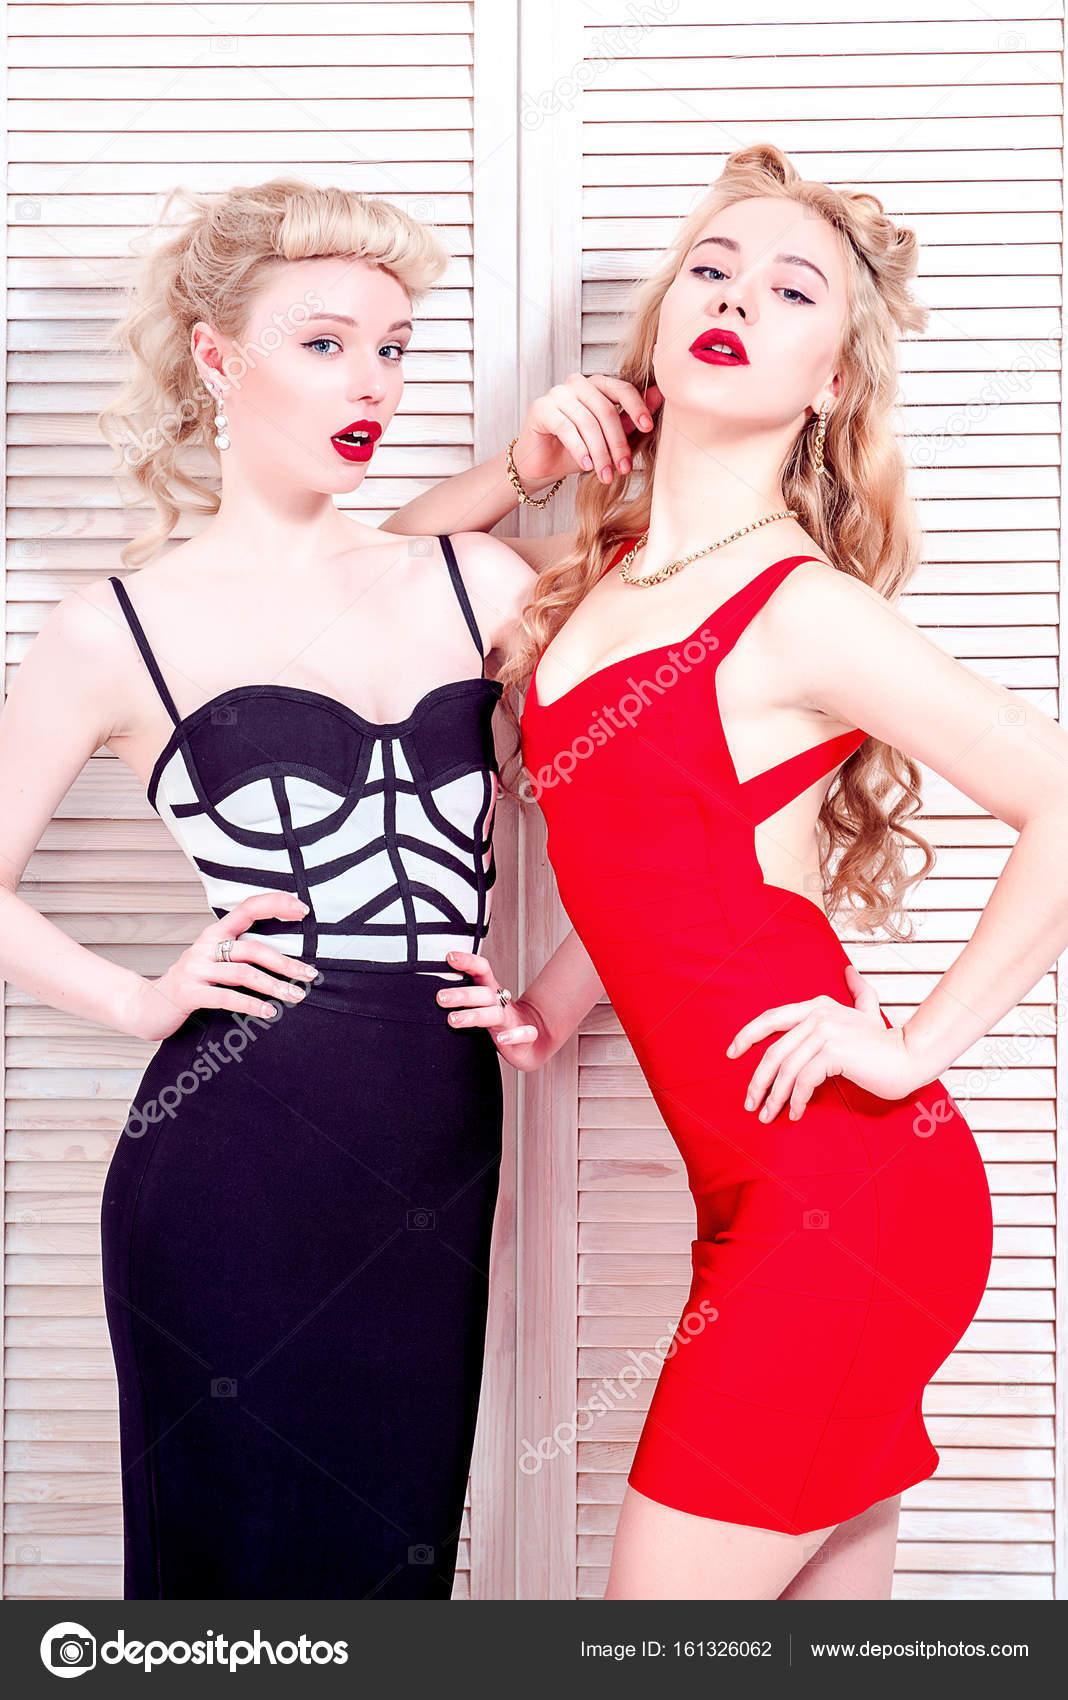 d64a79bf3b1f Retrato de dos mujeres jóvenes felices en ropa de estilo retro con peinado  retro en actitud amigable, antecedentes de estudio - chicas en ropa diminuta  ...